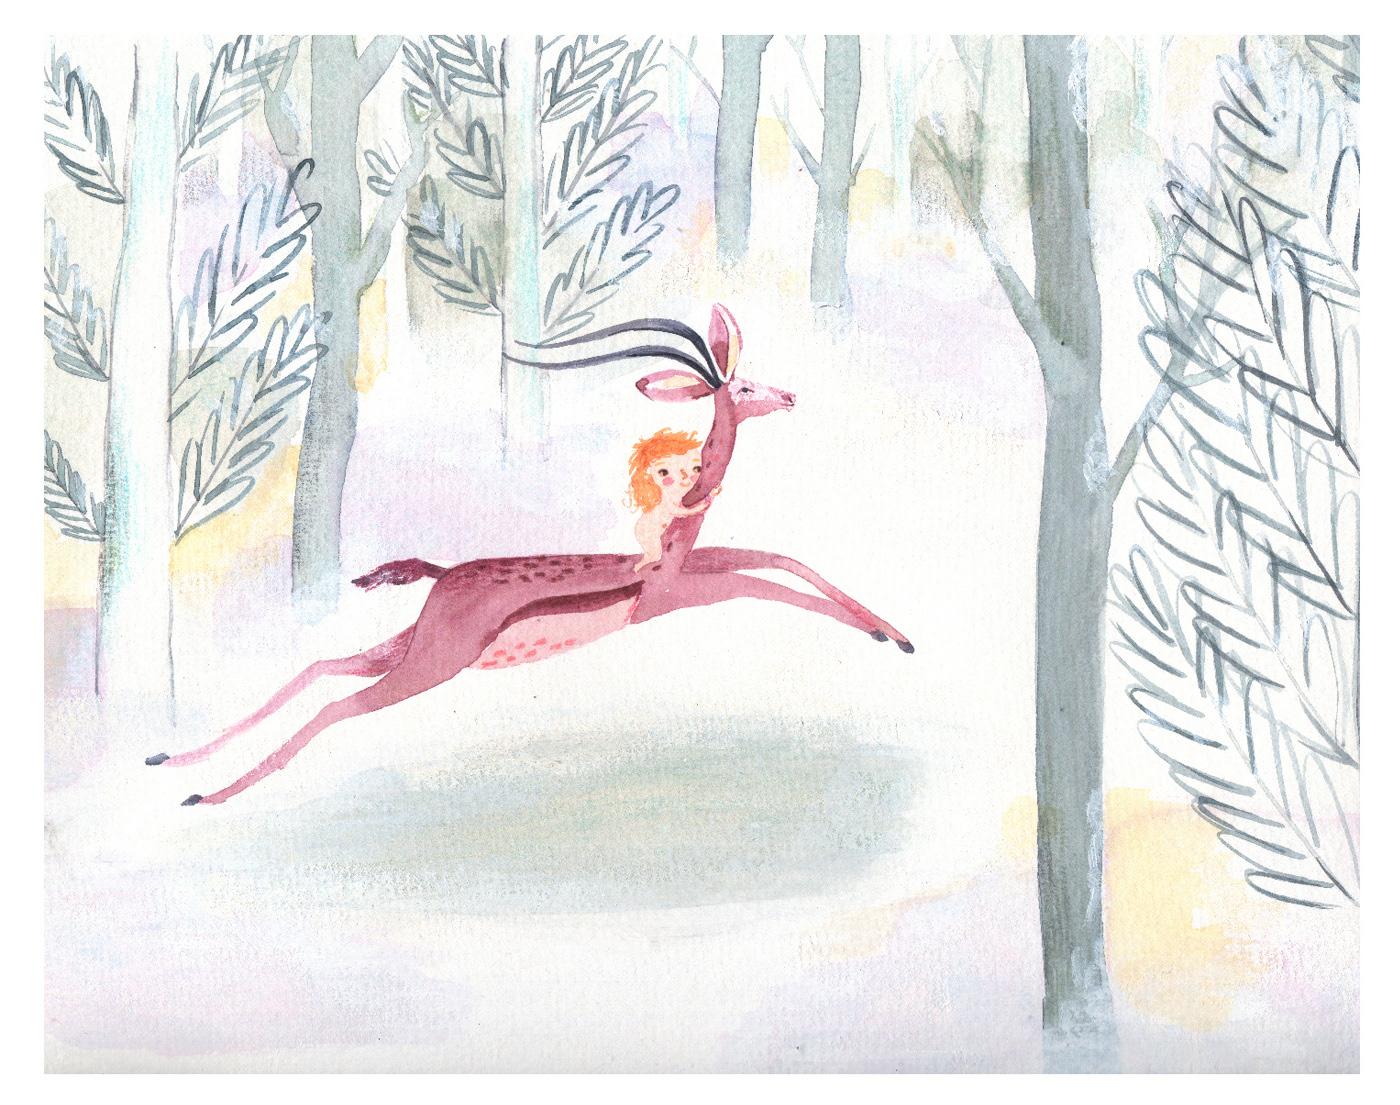 ilustracion dibujo Drawing  ILLUSTRATION  animals animales children´s illustration ilustración infantil